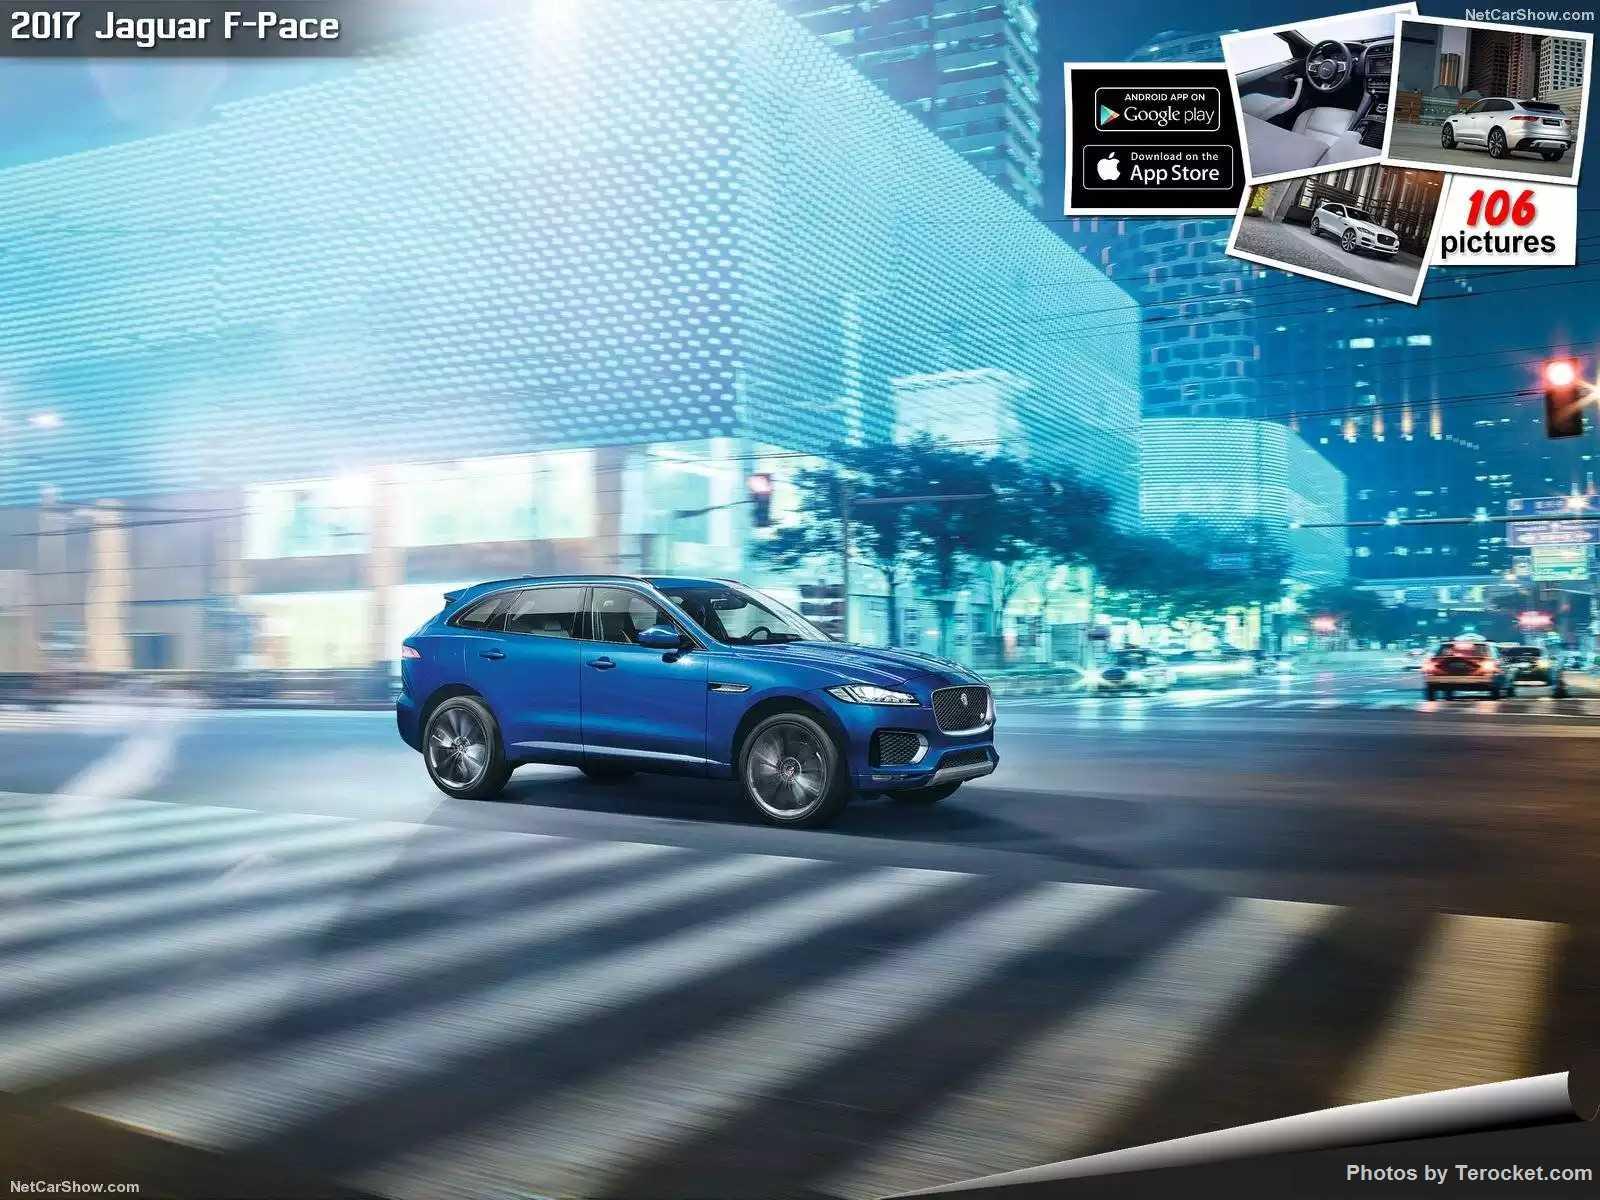 Hình ảnh xe ô tô Jaguar F-Pace 2017 & nội ngoại thất